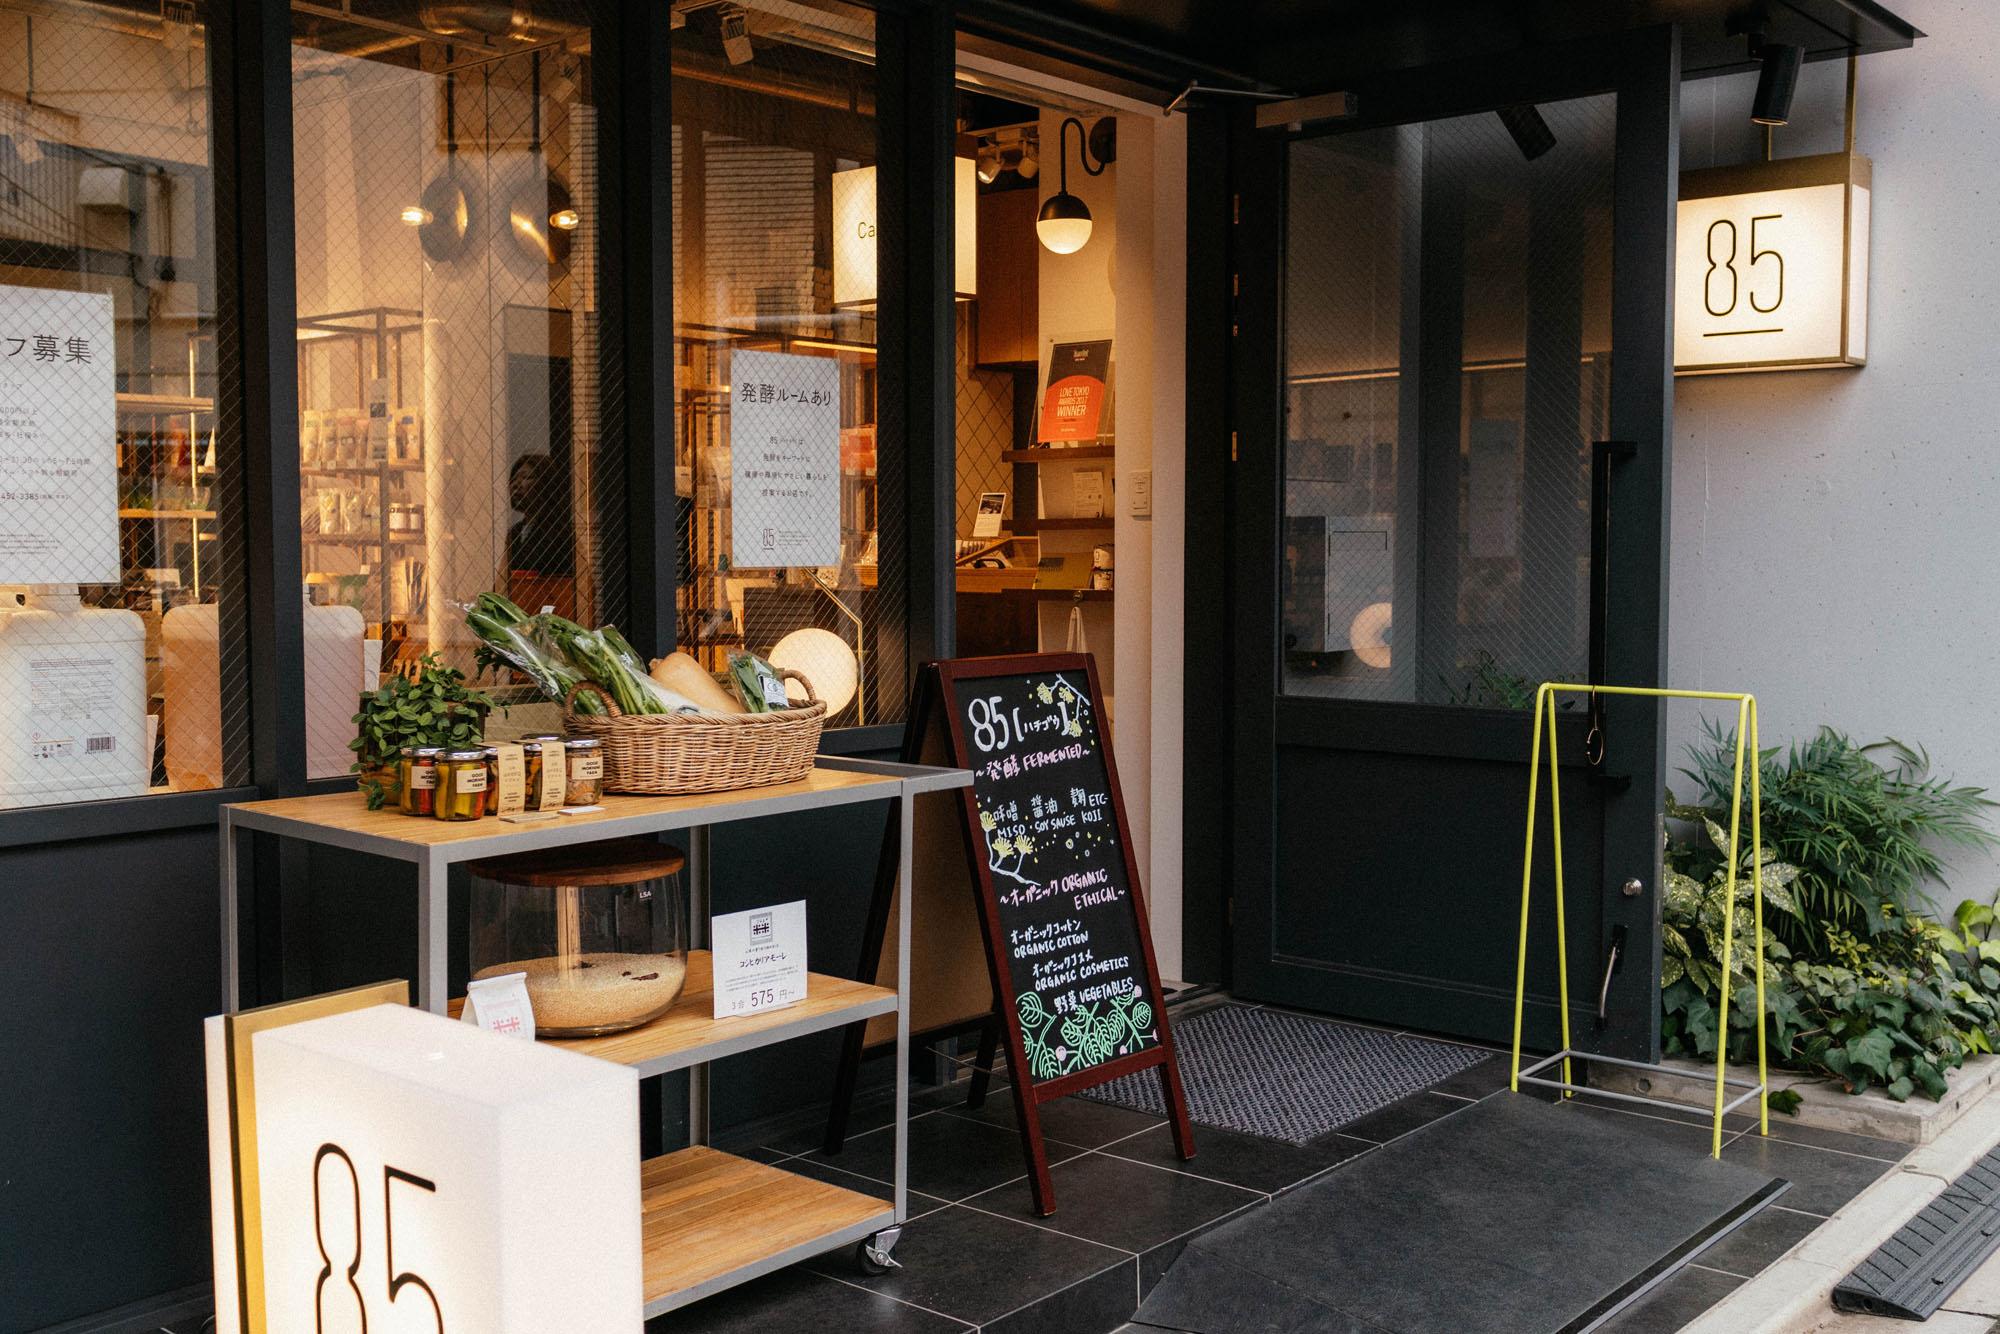 85(ハチゴウ) – cute homewares and groceries store